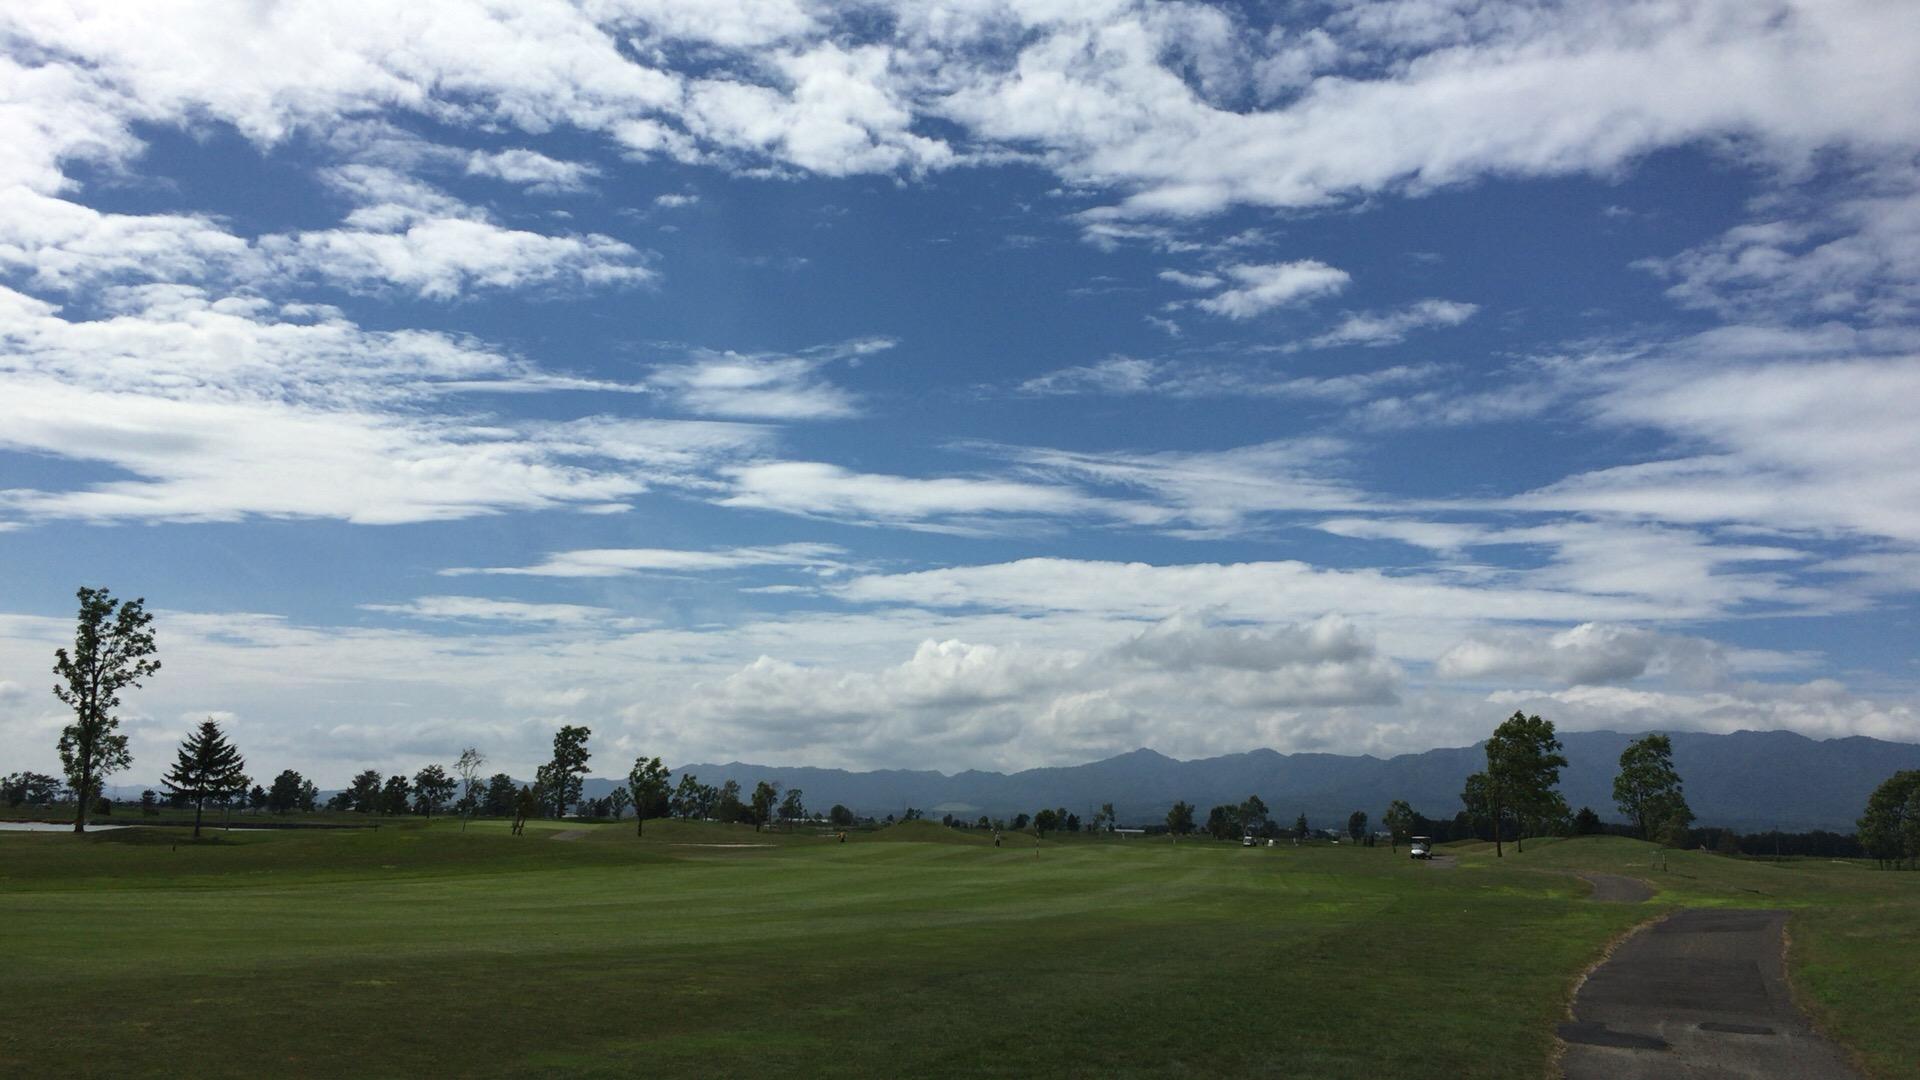 ゴルフ5カントリー美唄コースでゴルフ5レディスを体感